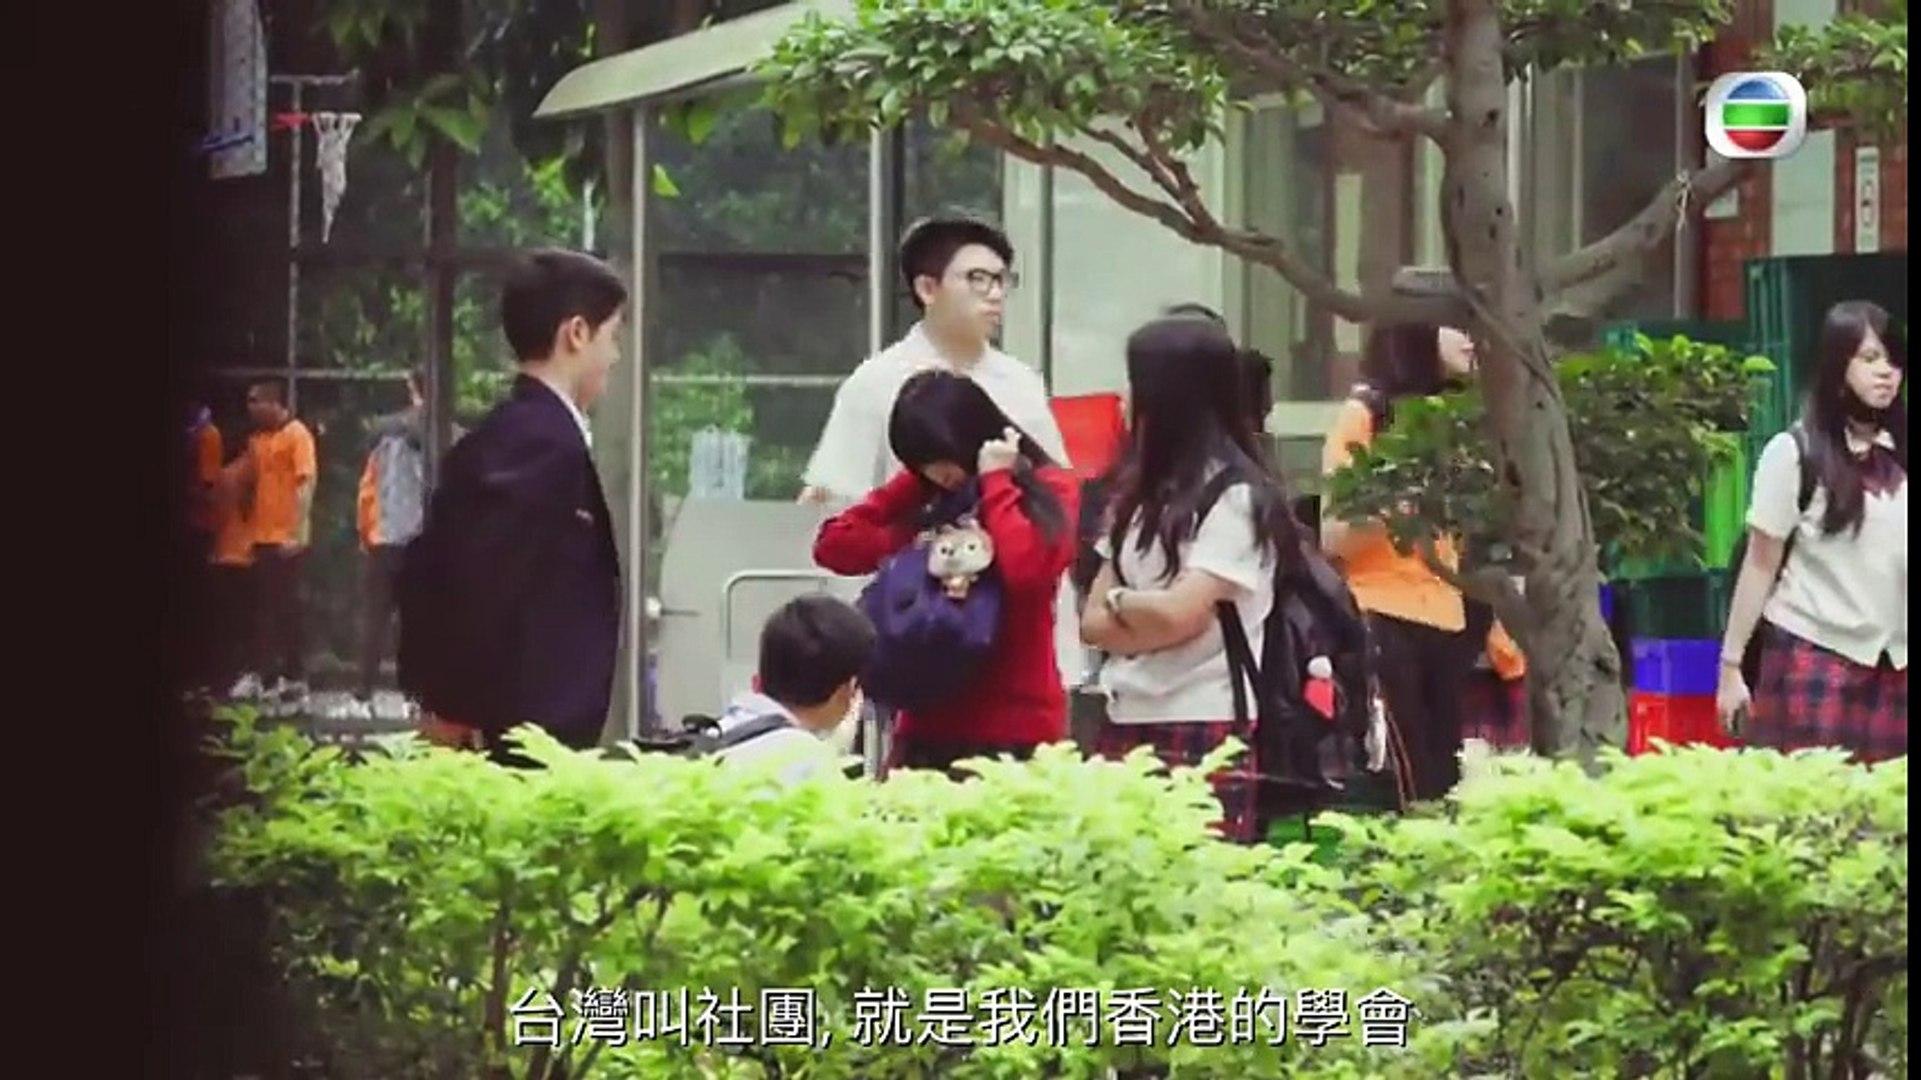 2016-06-29 第三回:地獄黑仔王 胡鴻鈞 + 吳若希 + 許廷鏗